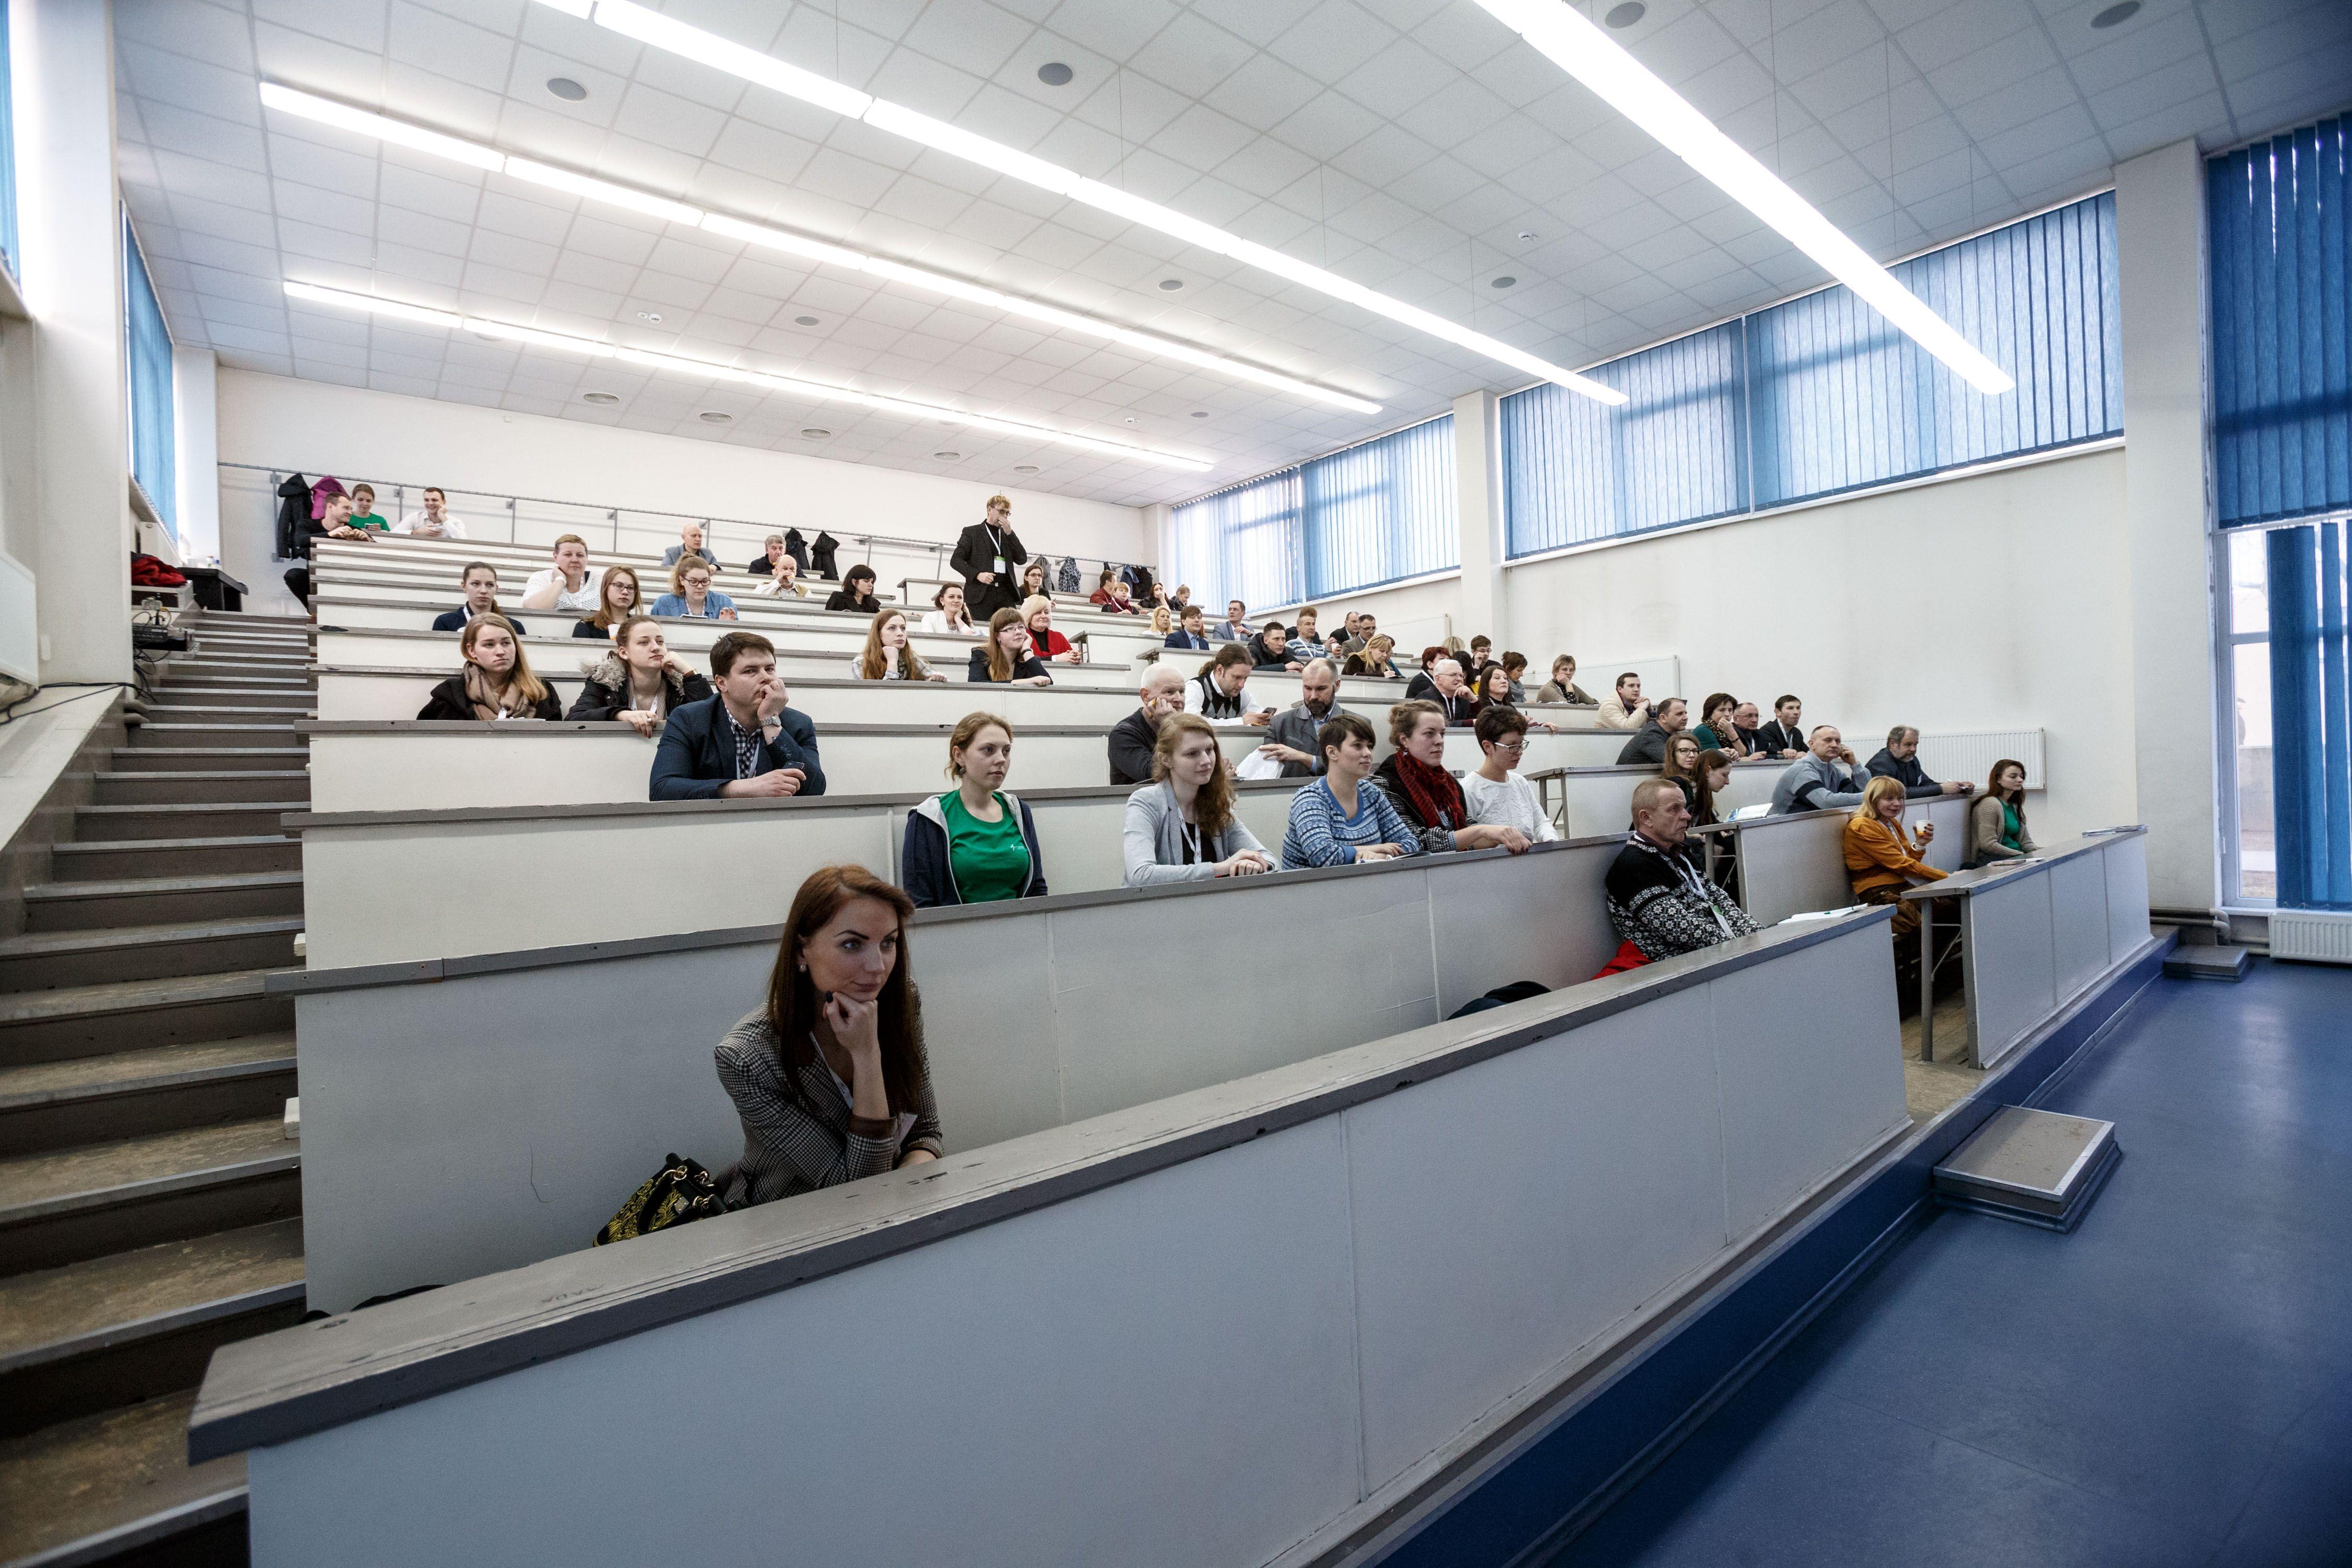 Universitetų jungimas – ne taupumas svarbiausia